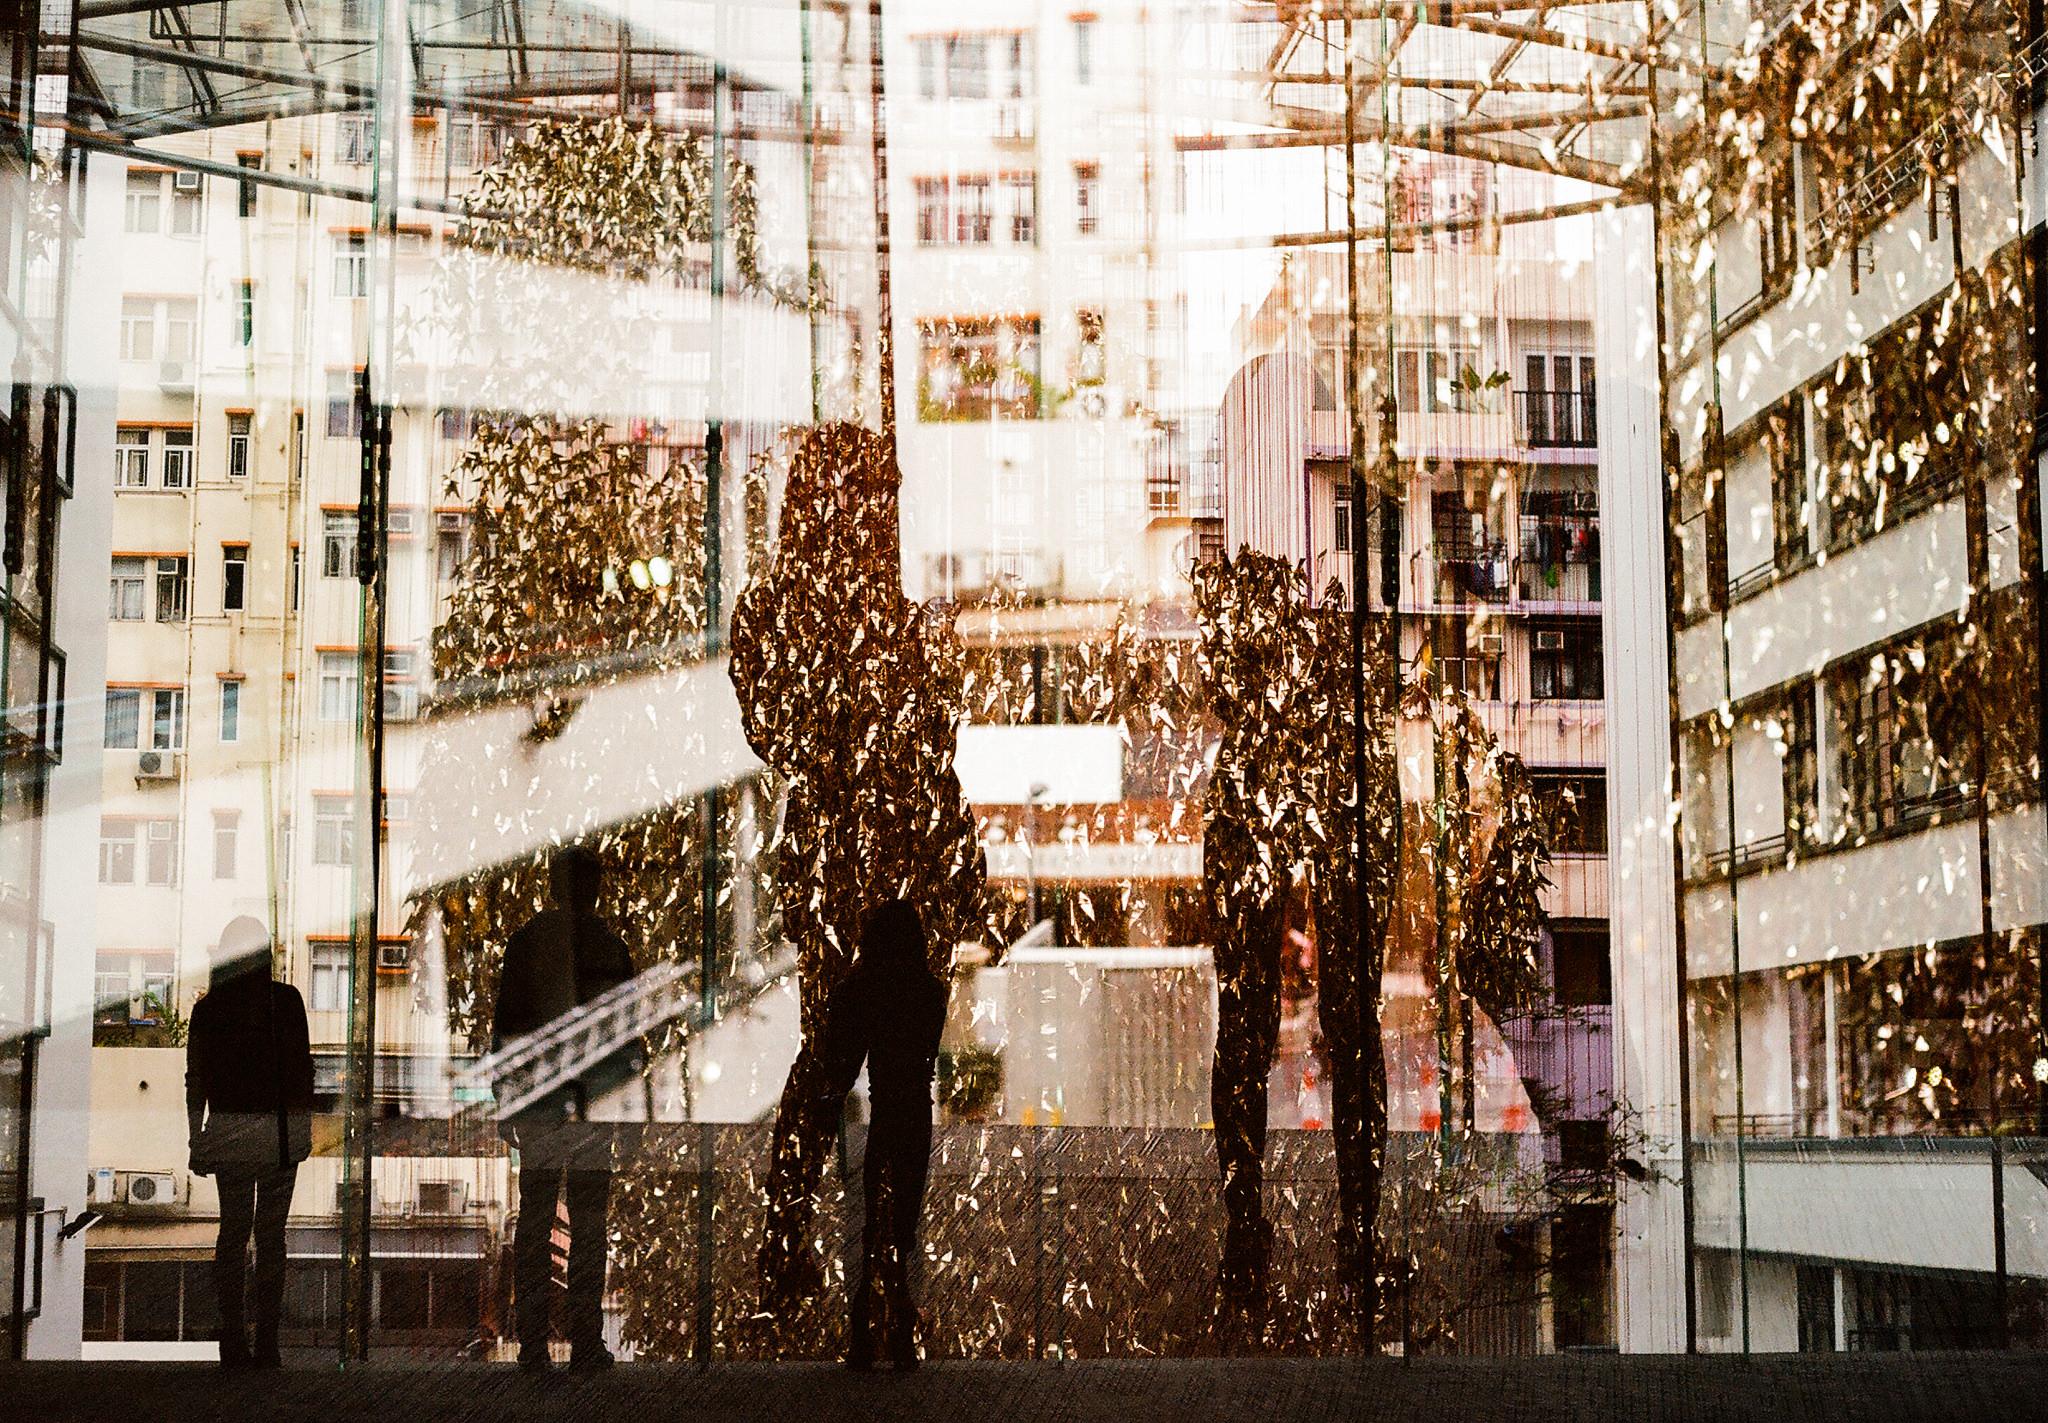 fotografia-dupla-exposição4